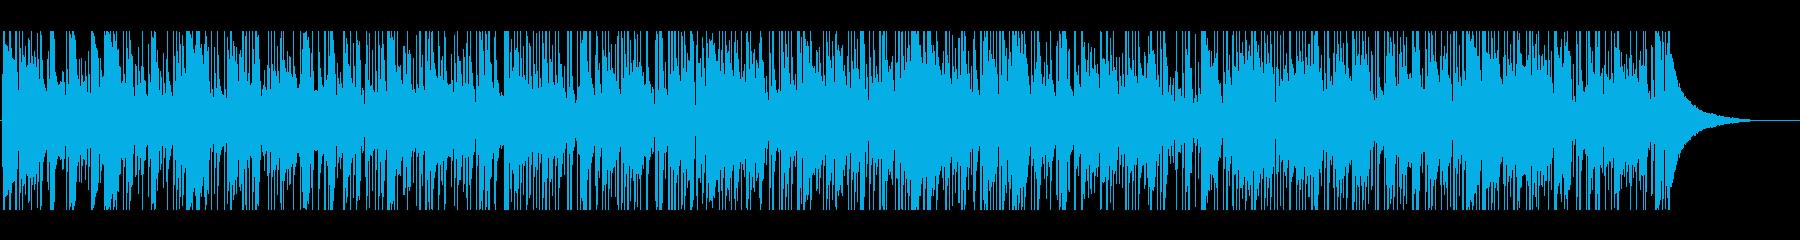 ほのぼのマンドリンのフォークBGMの再生済みの波形